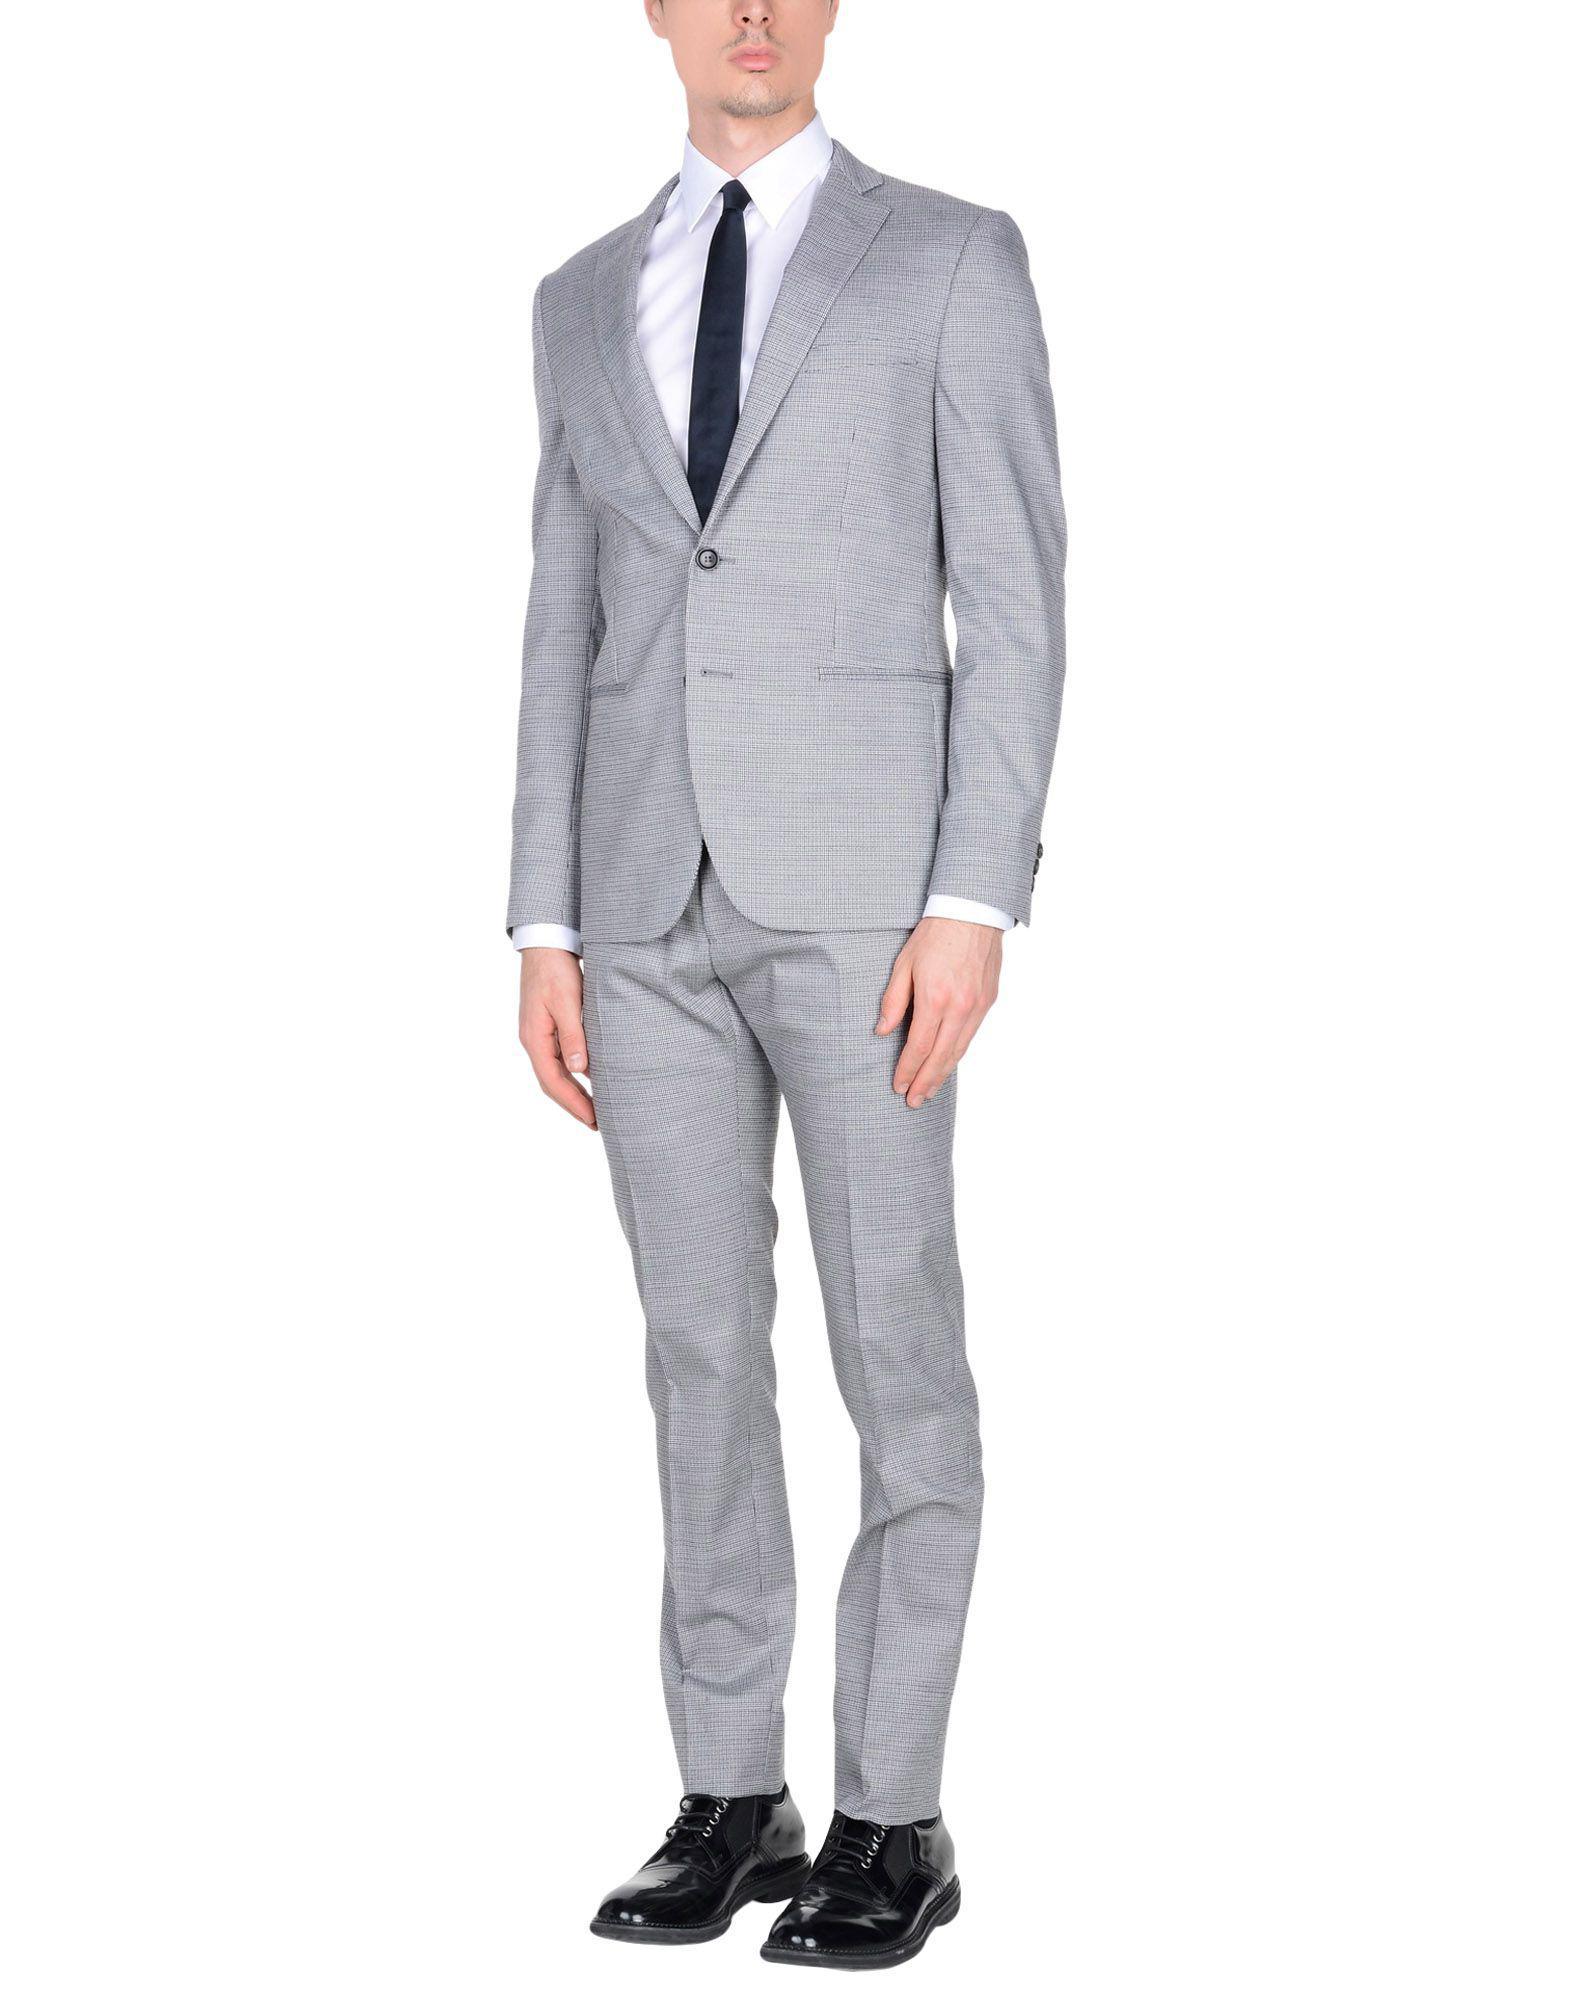 Lyst - Costume Tonello pour homme en coloris Gris 152ab364016